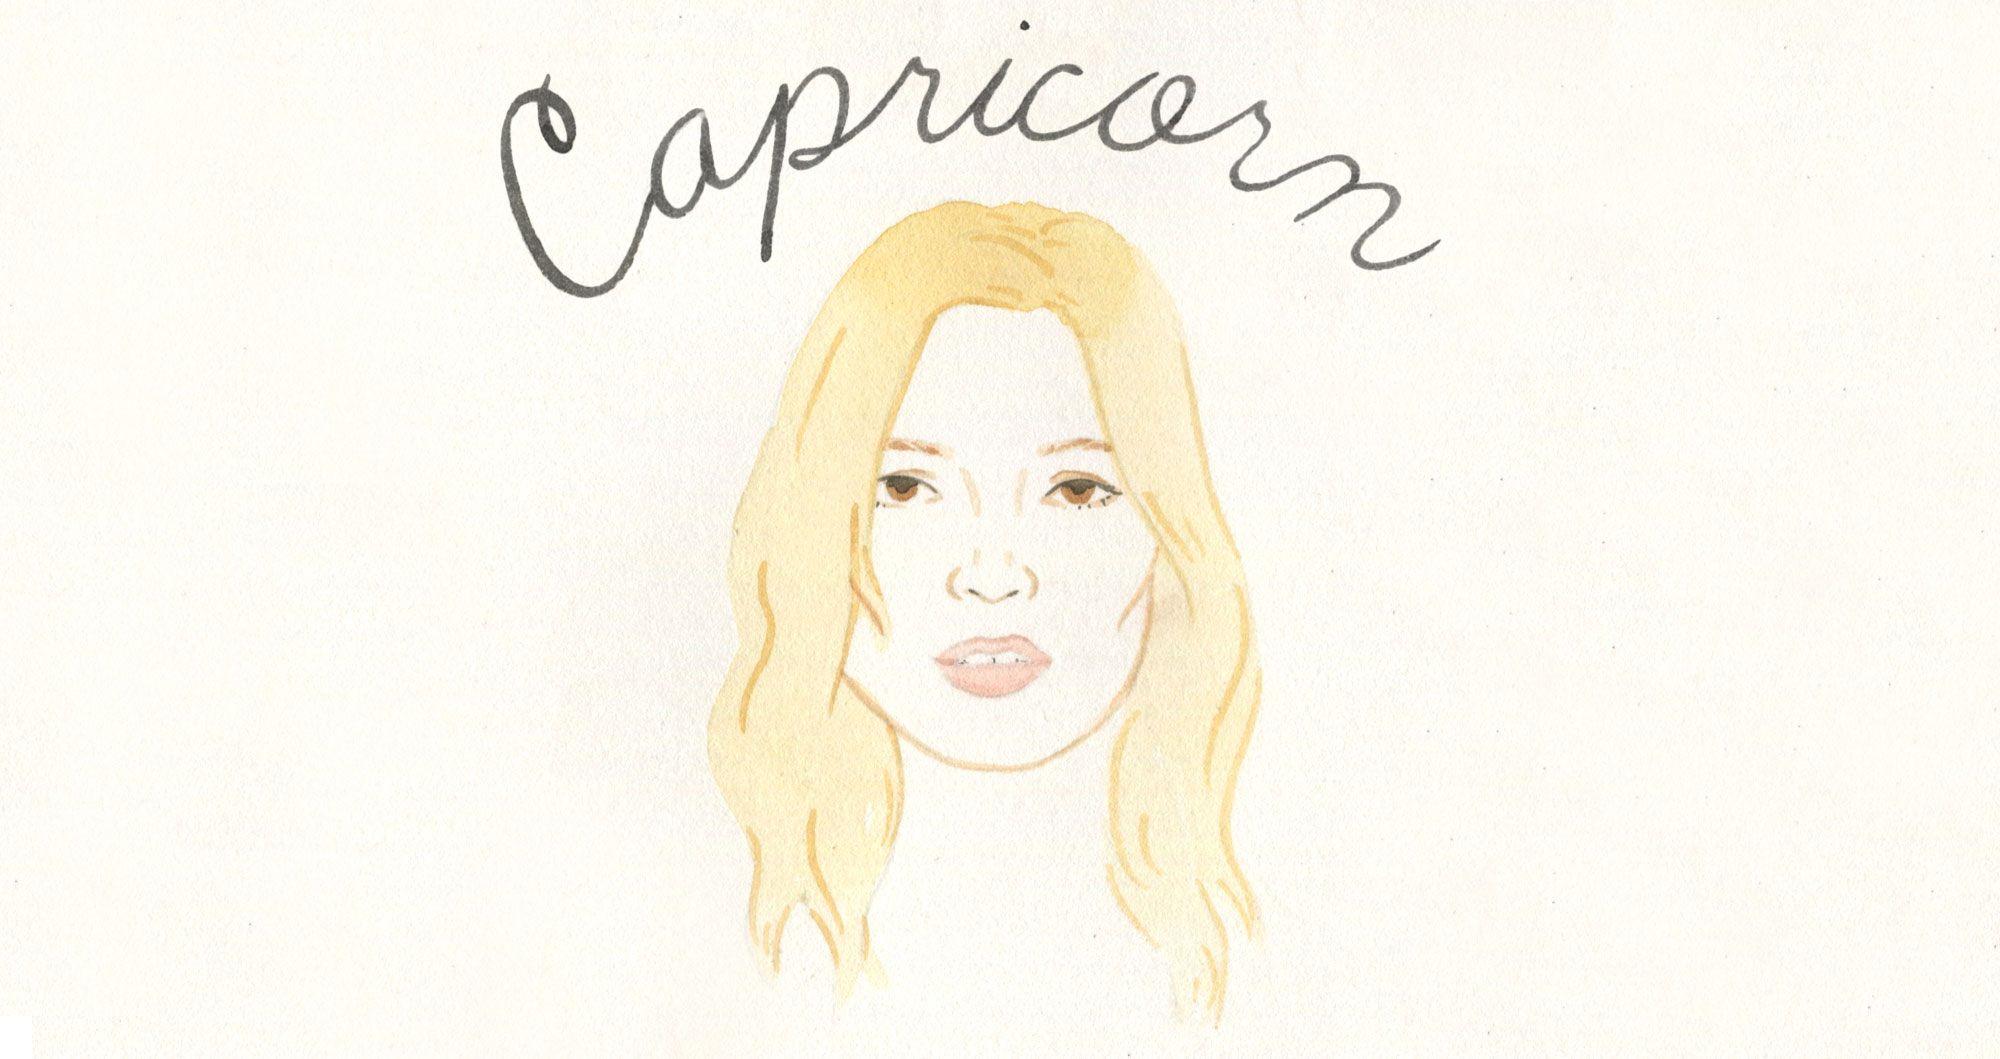 October 2016 Horoscopes: Capricorn